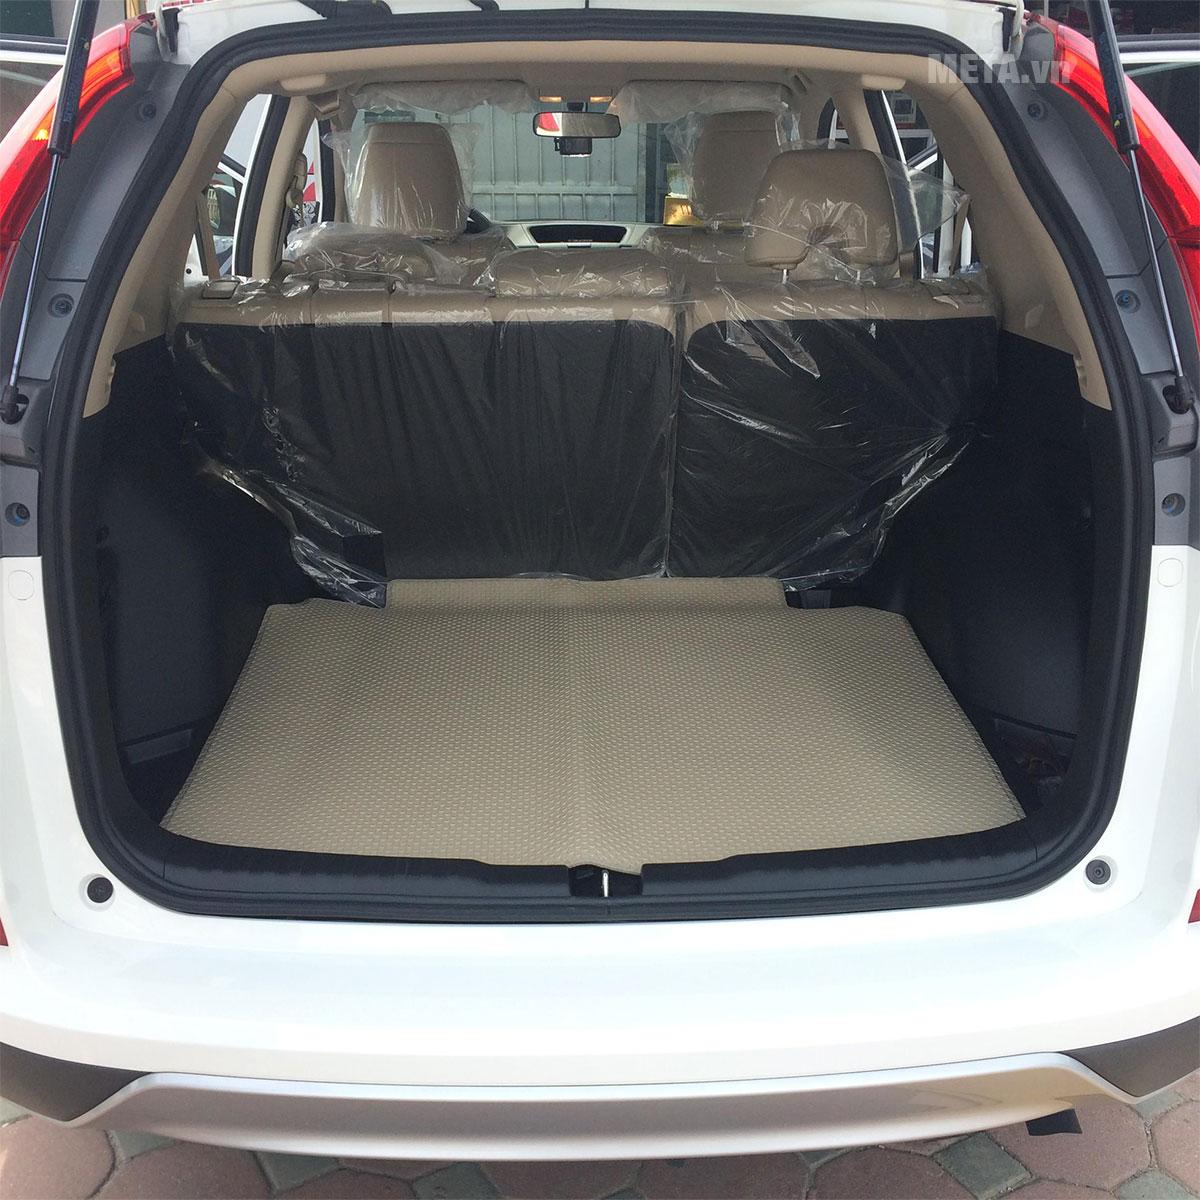 Thảm màu da lắp trên xe ô tô